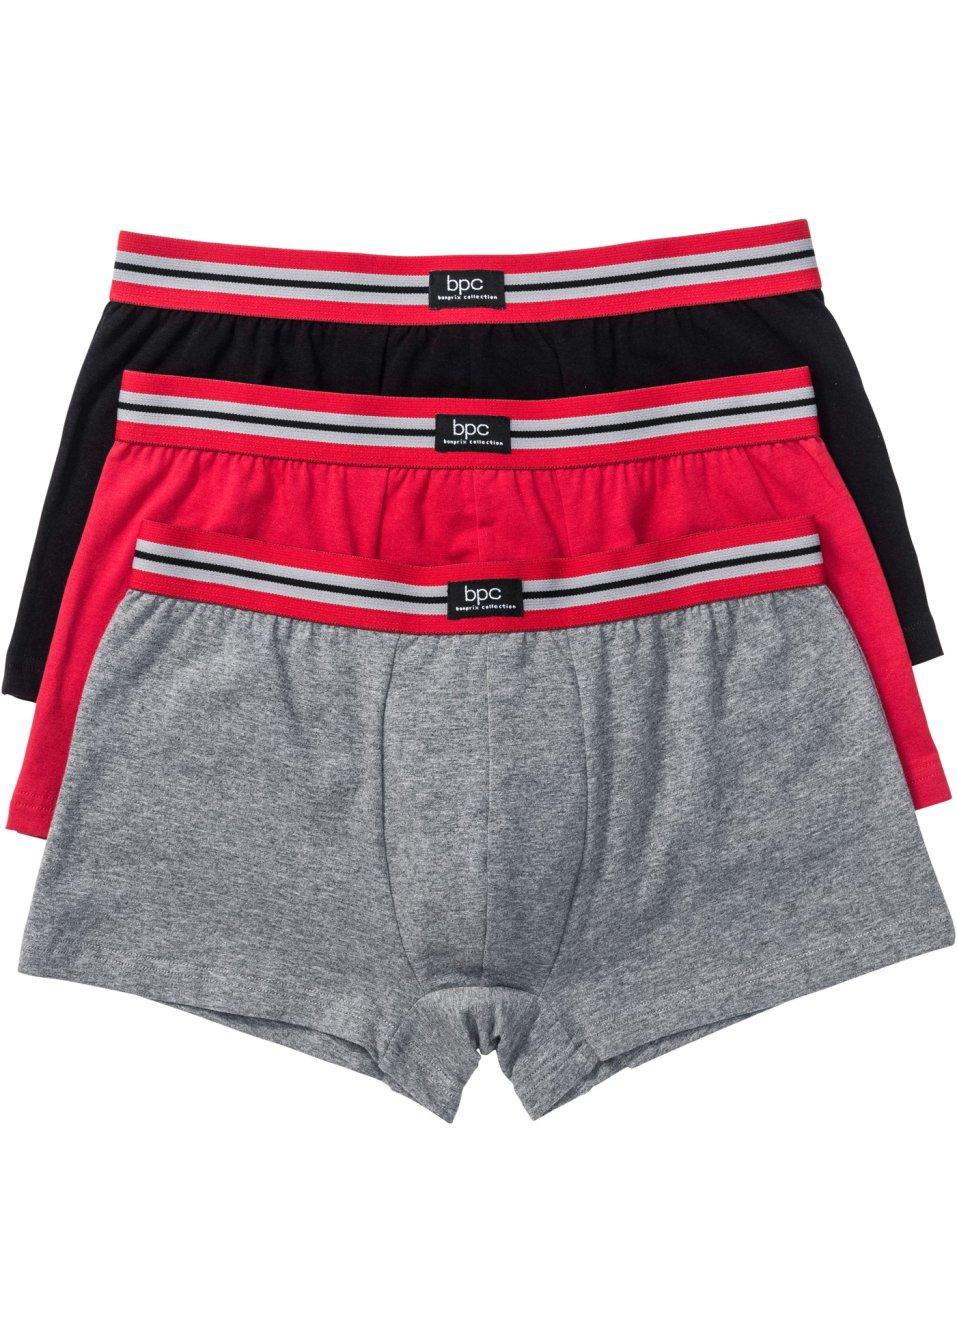 Lot de 3 boxers noir bpc bonprix collection commande online - Bonprix suivi de commande ...